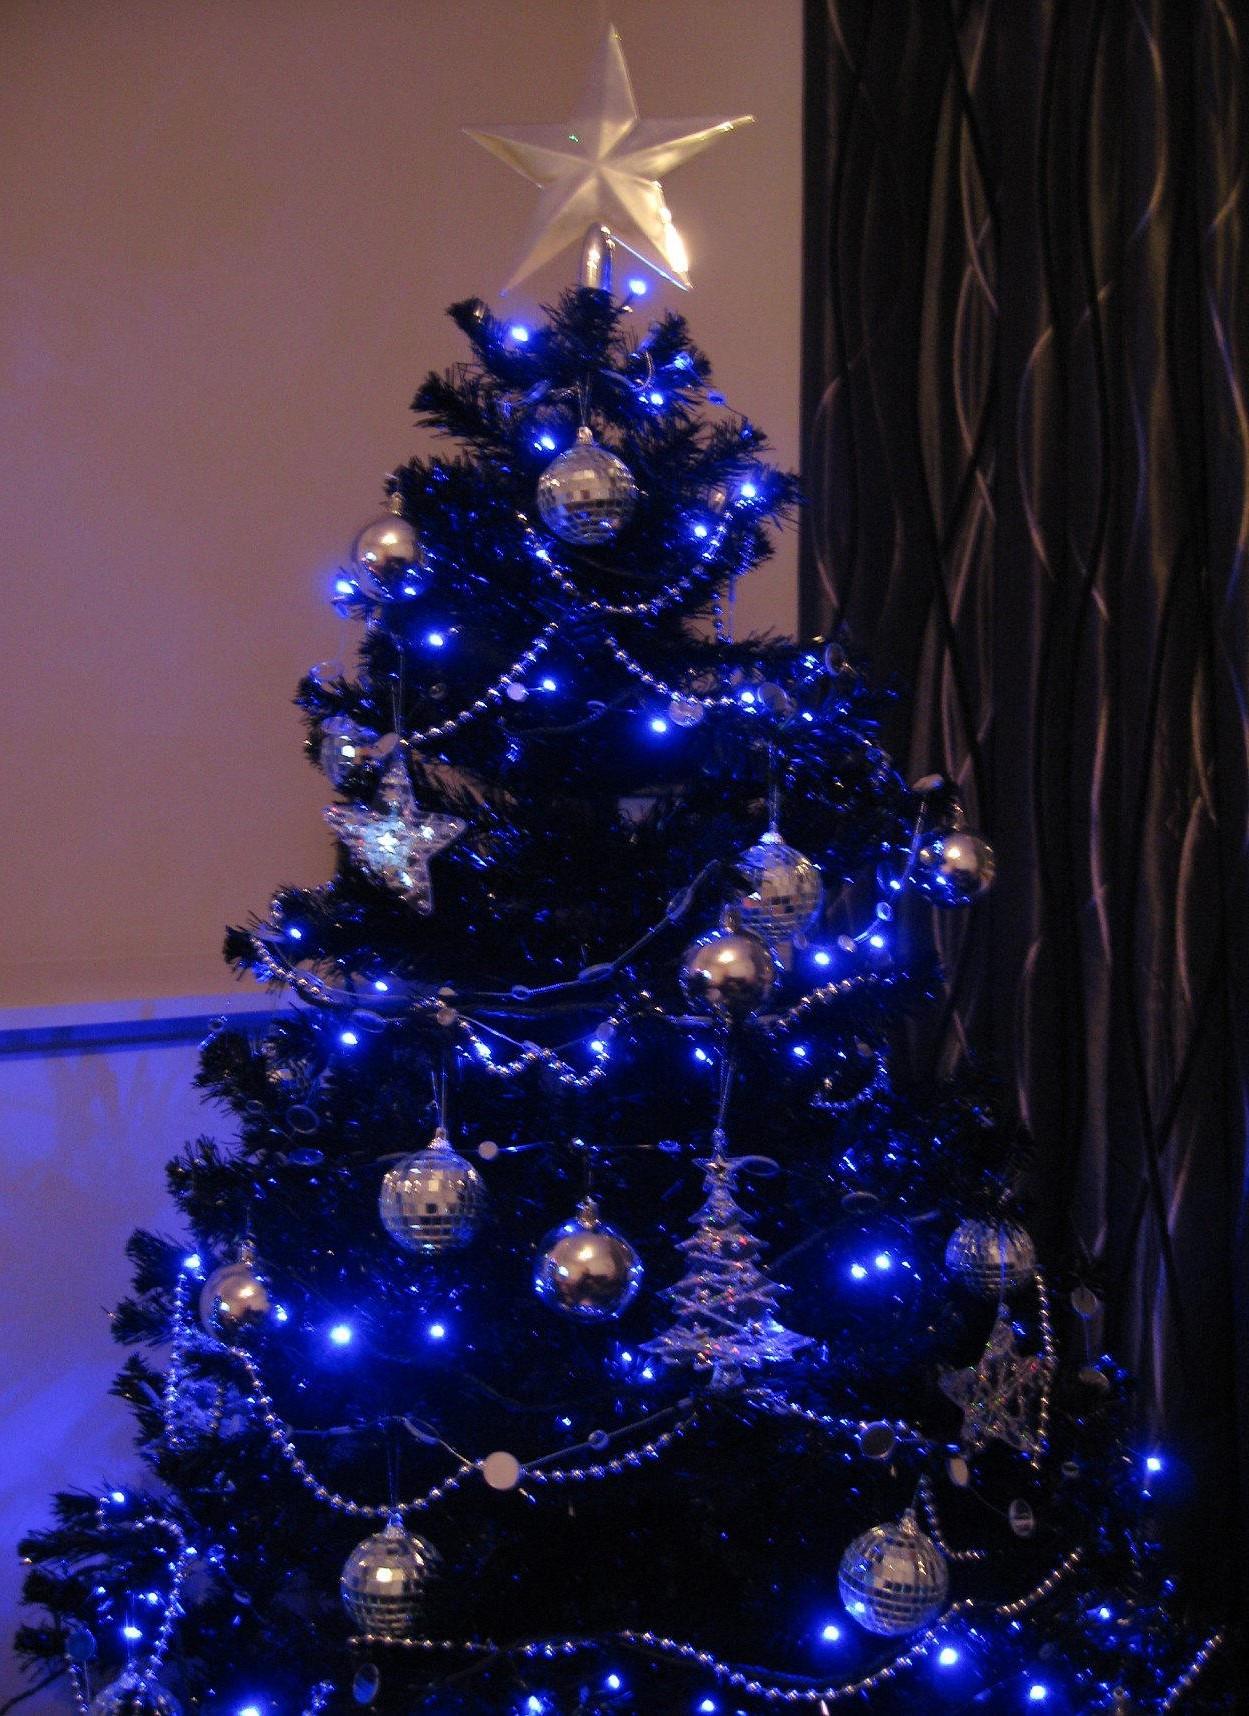 Les détails bleus peuvent également être sous la forme de lumières de Noël.